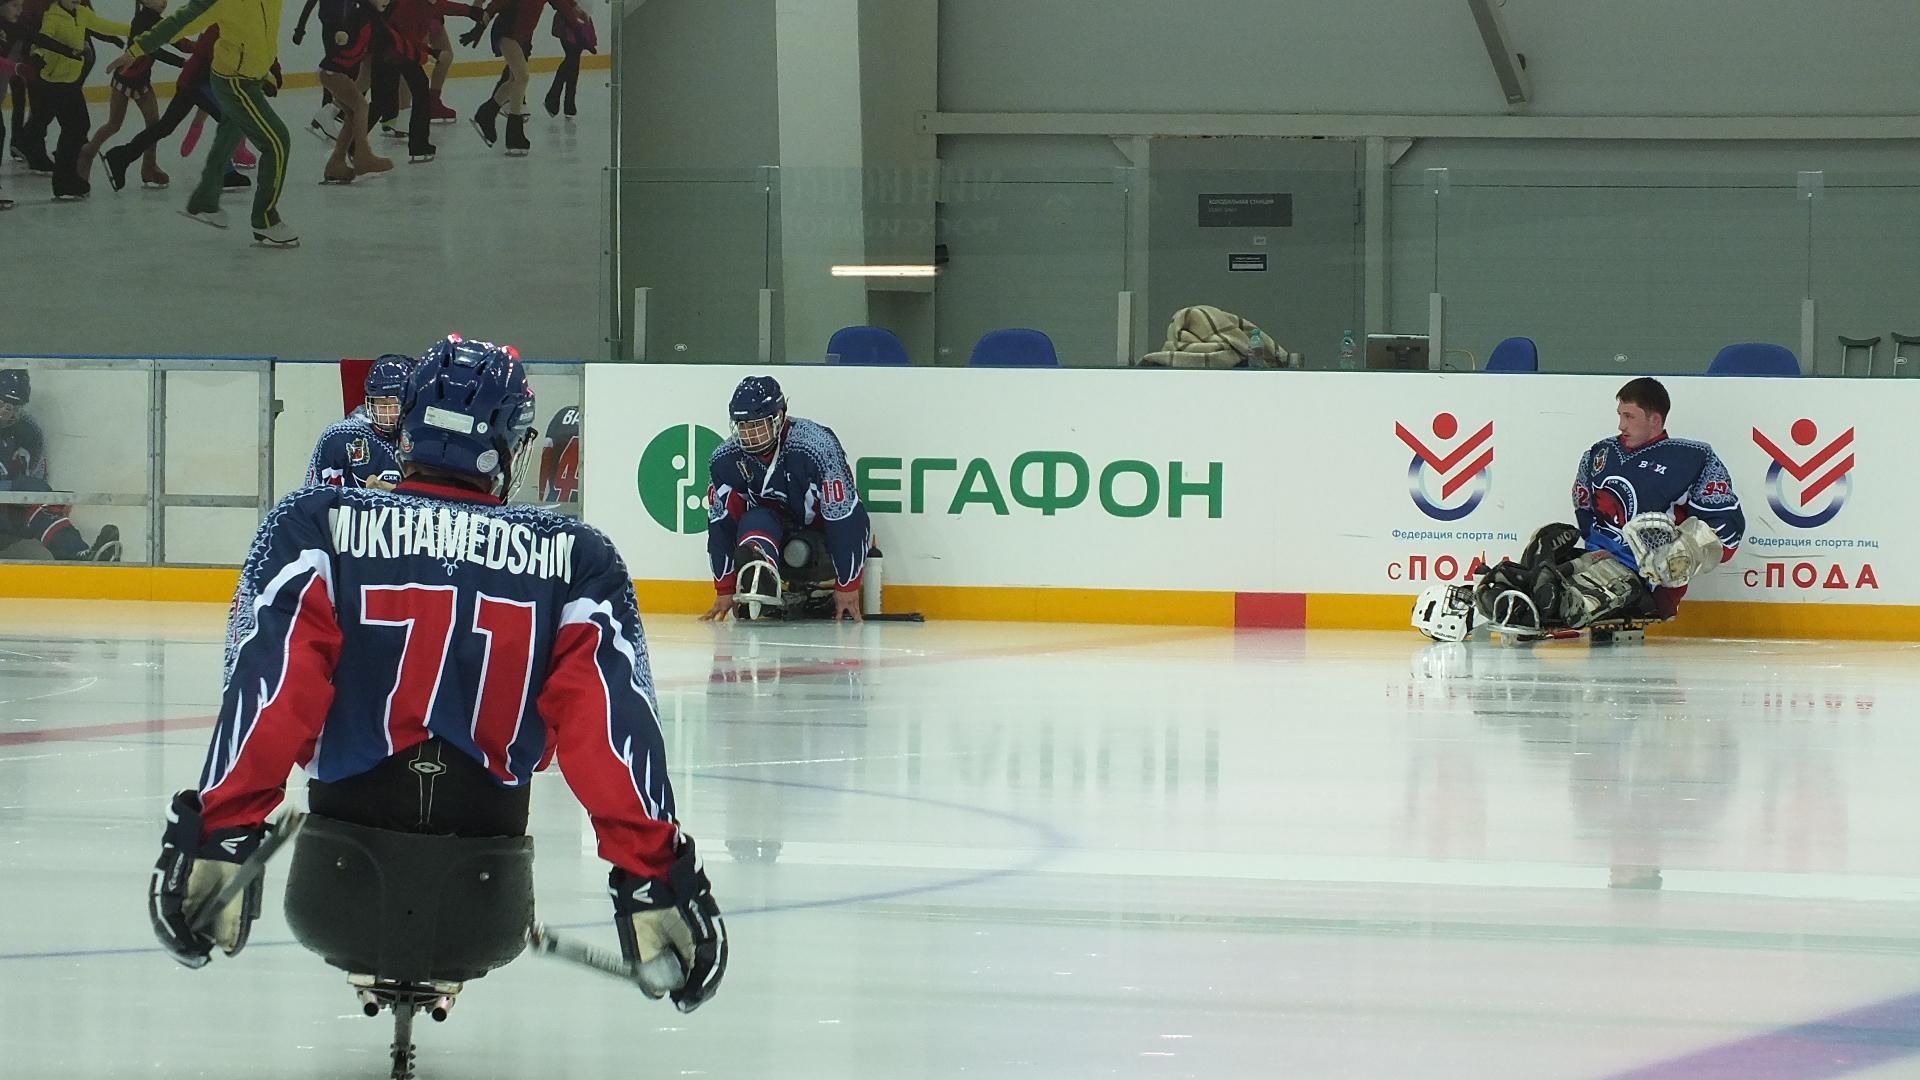 В г. Сочи (Краснодарский край) прошло торжественное открытие финального этапа чемпионата России по хоккею-следж